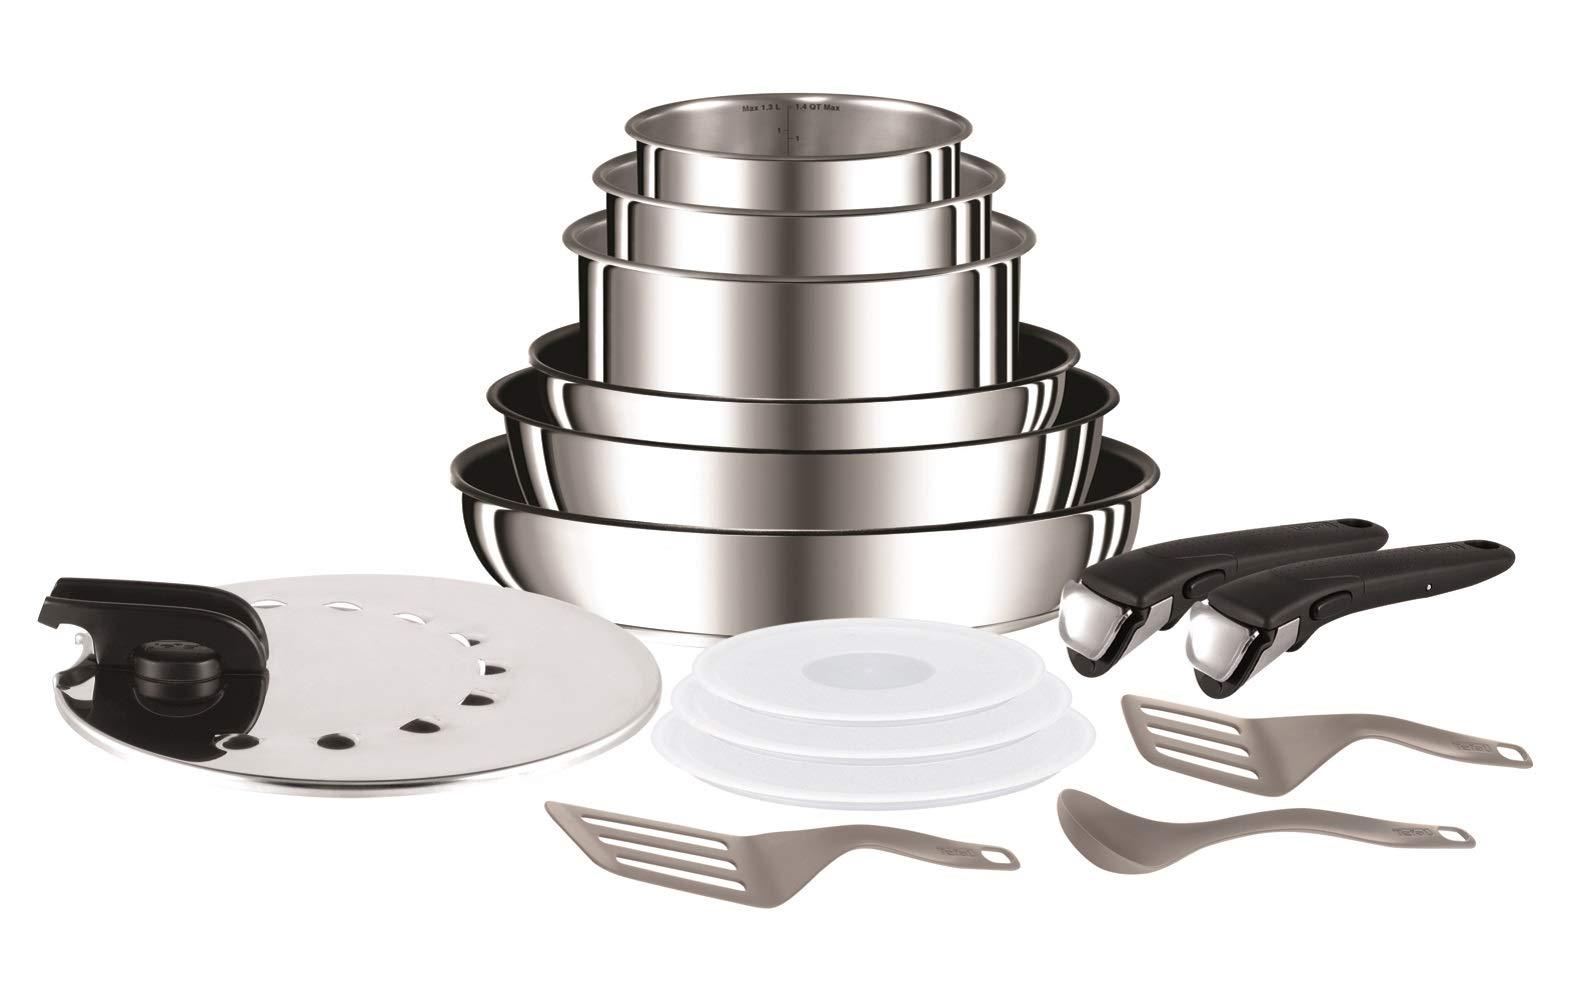 Tefal - Set de 15 piezas, de aluminio con mango extraíble, sartenes de 22